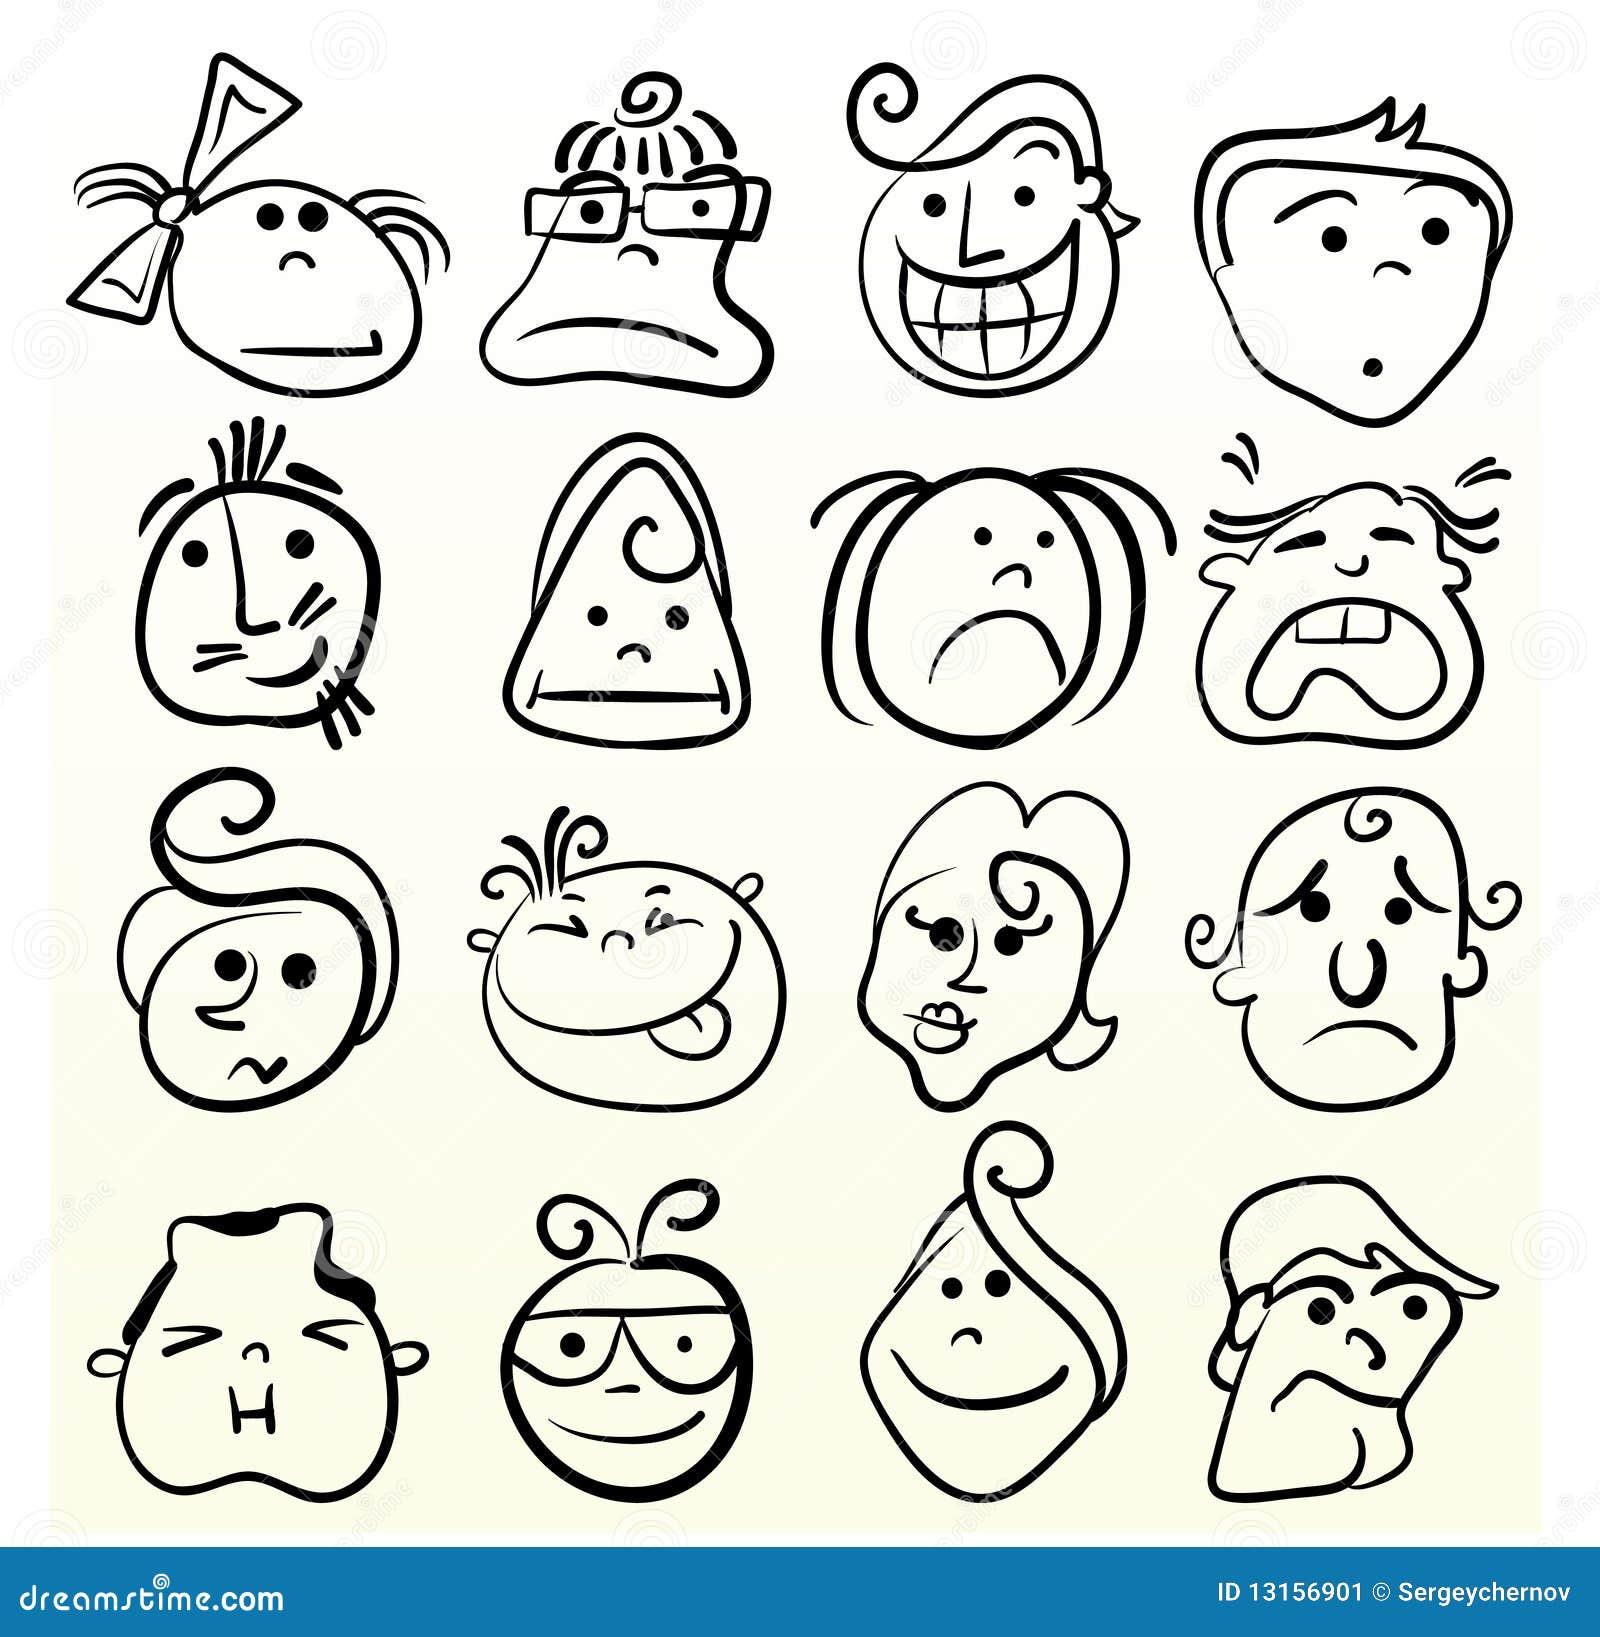 Doodle Emotion Art Stock Image - Image: 13156901